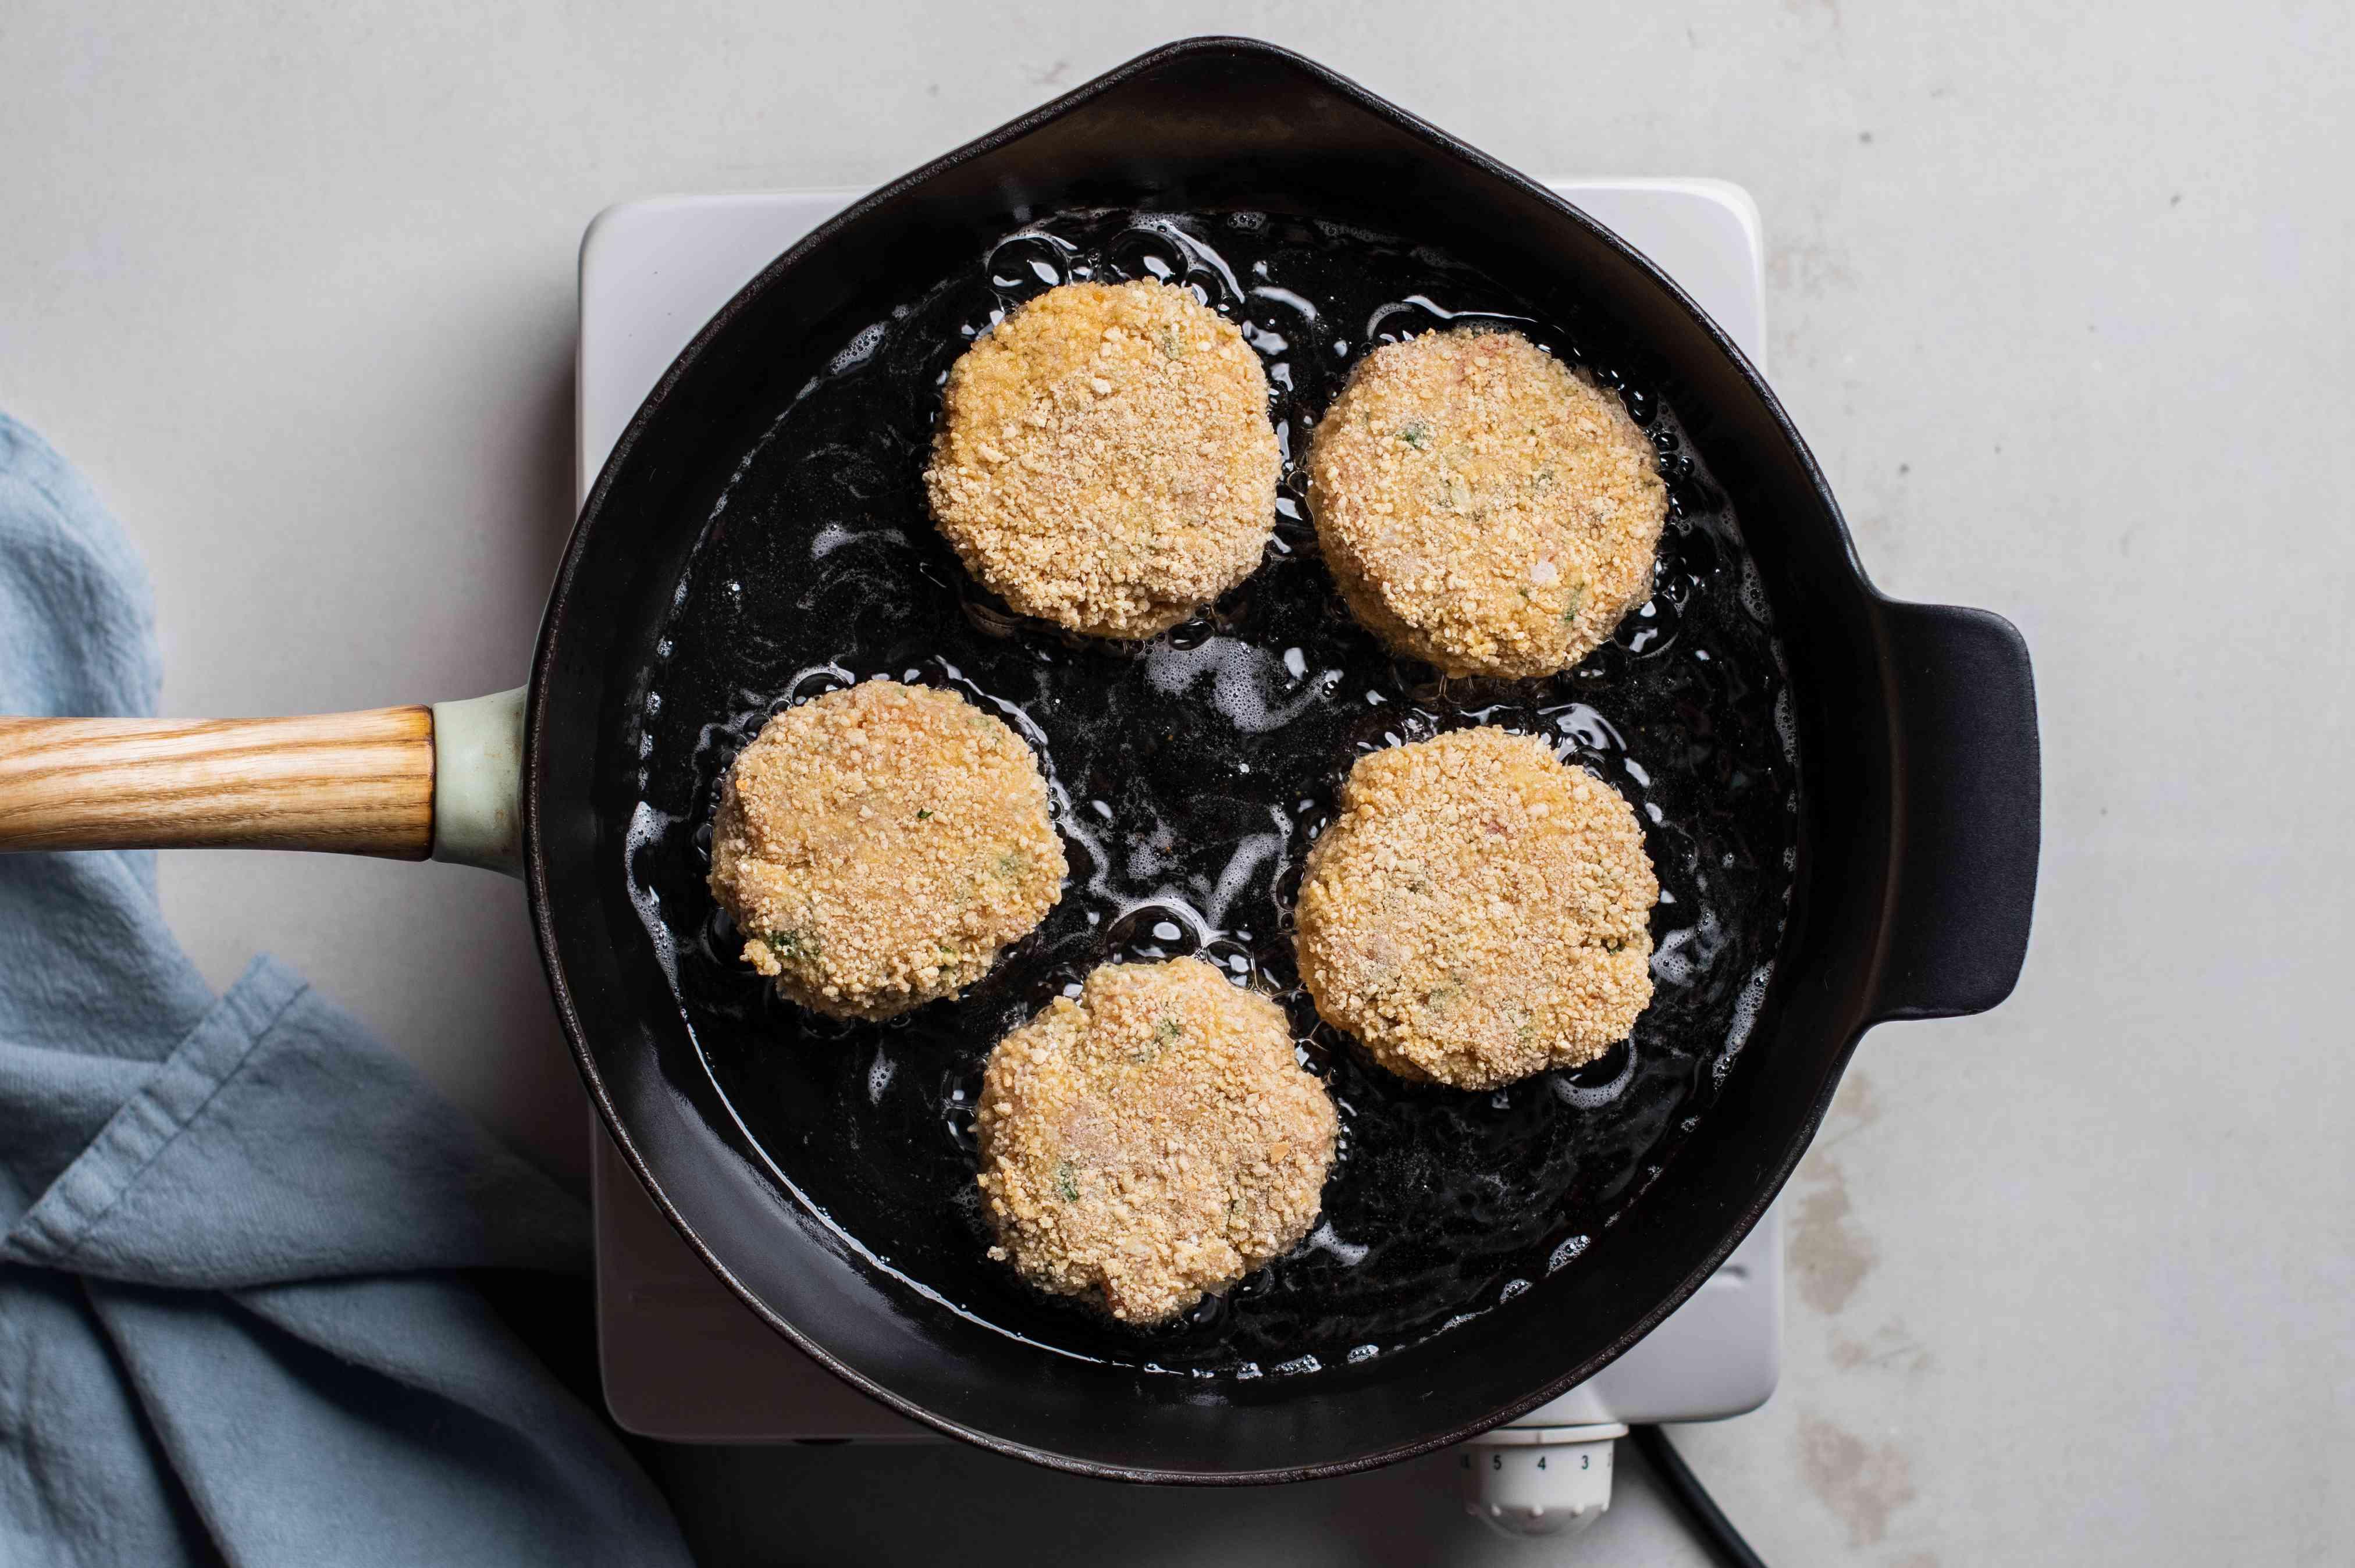 Pan-frying crab cakes